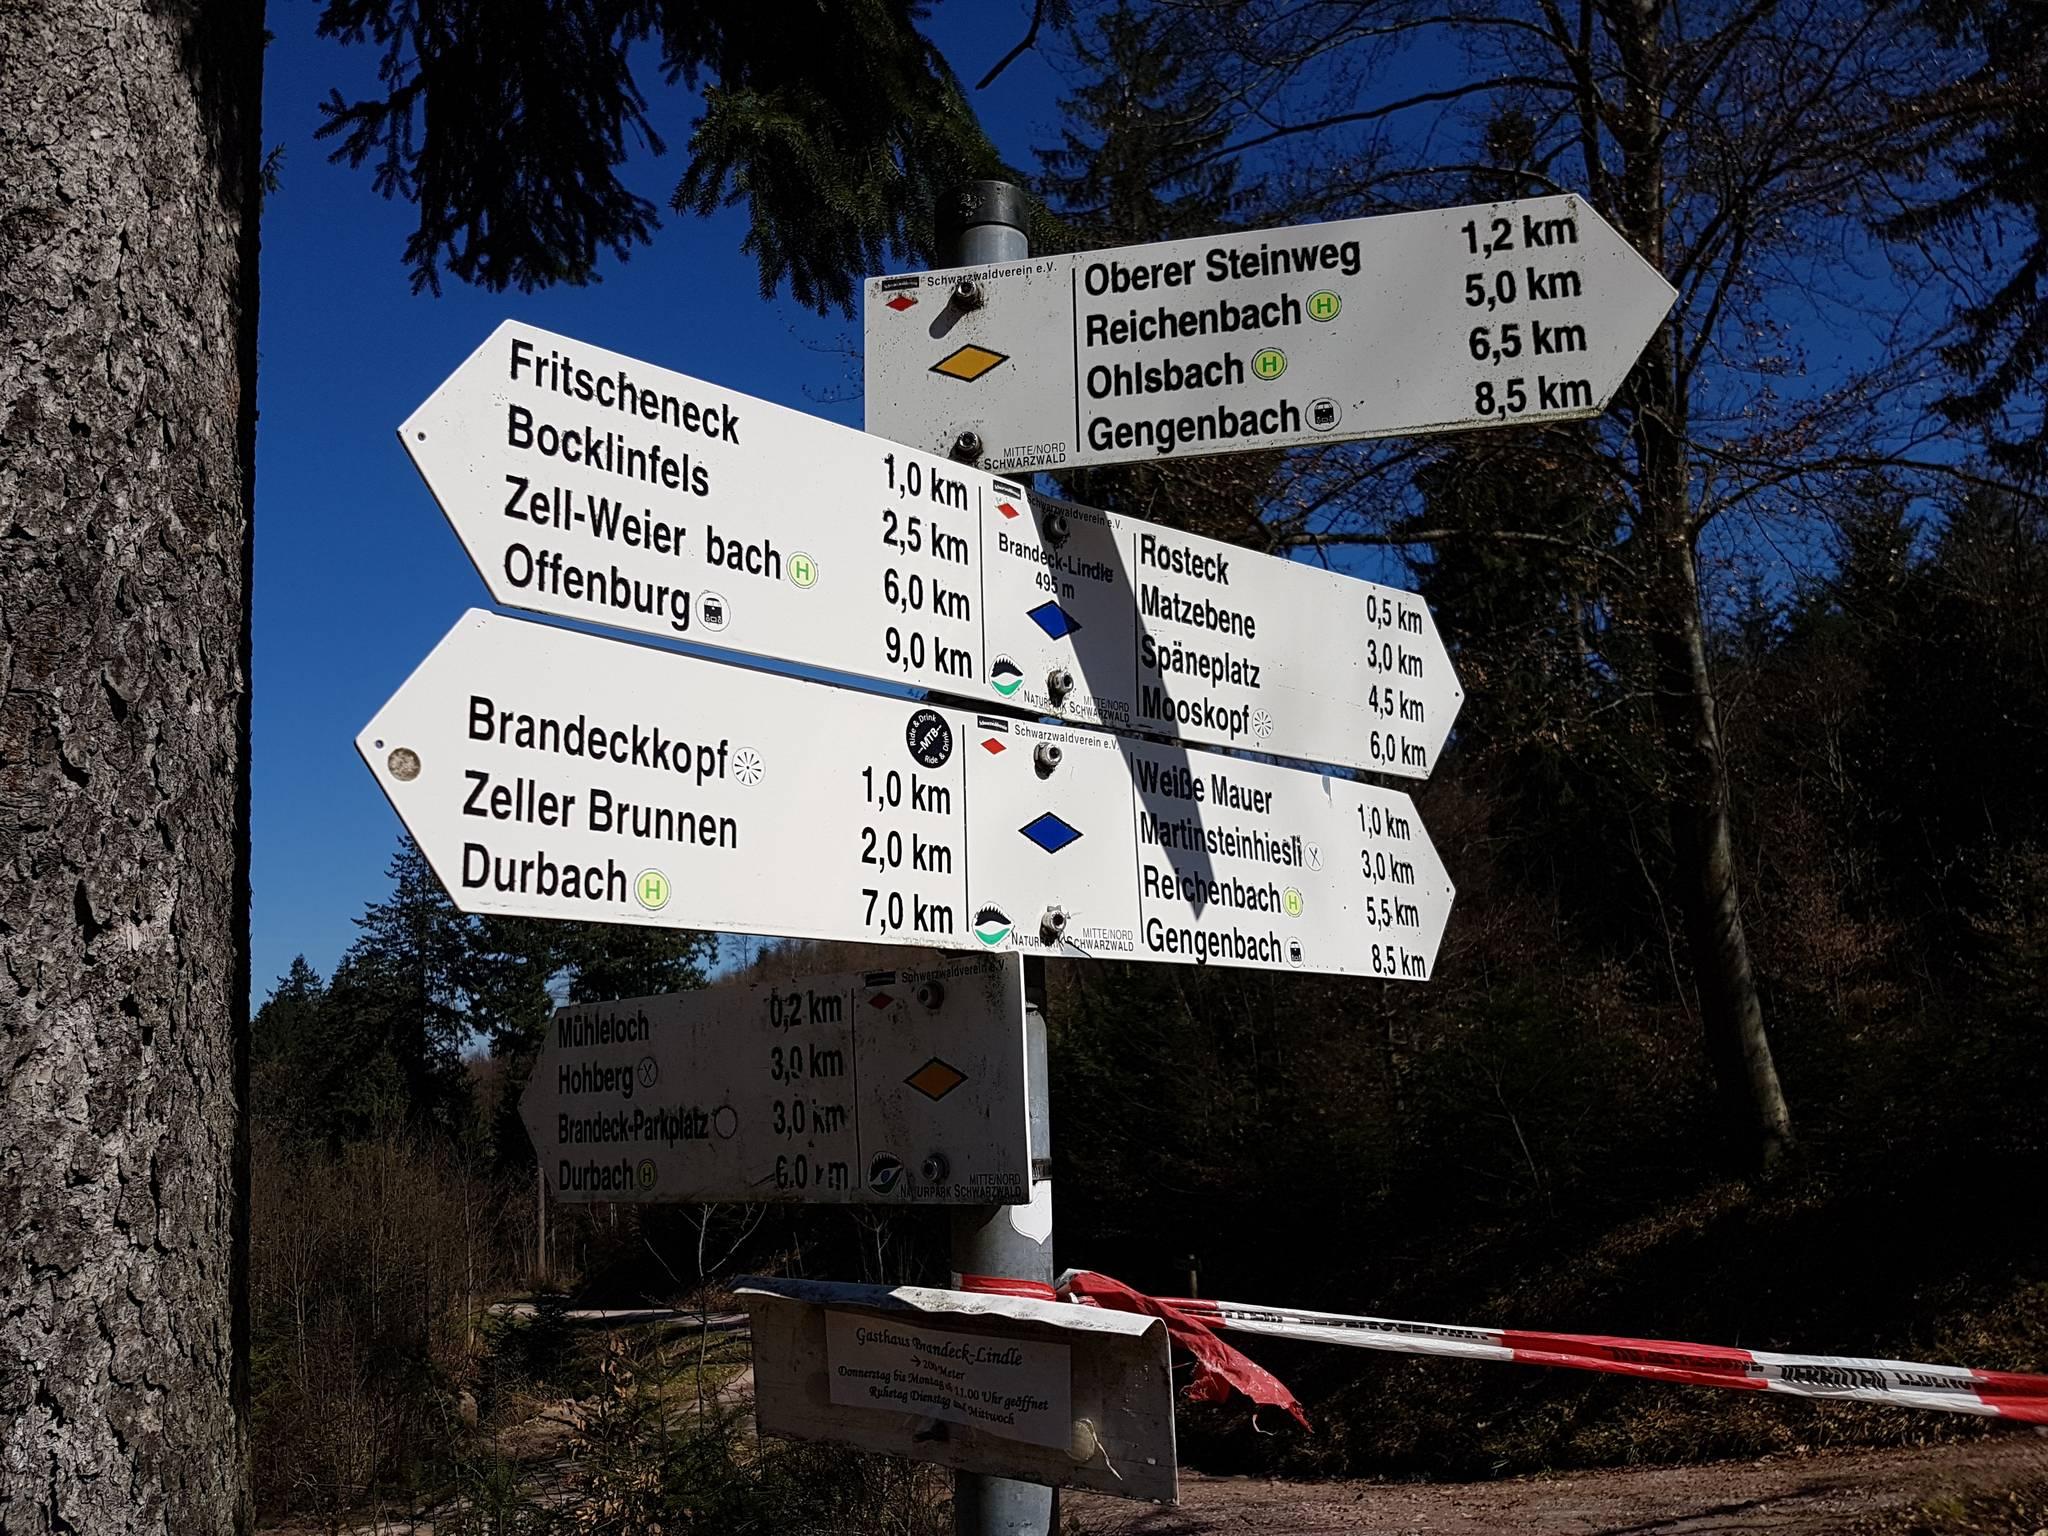 Schilder am Brandeck-Lindle